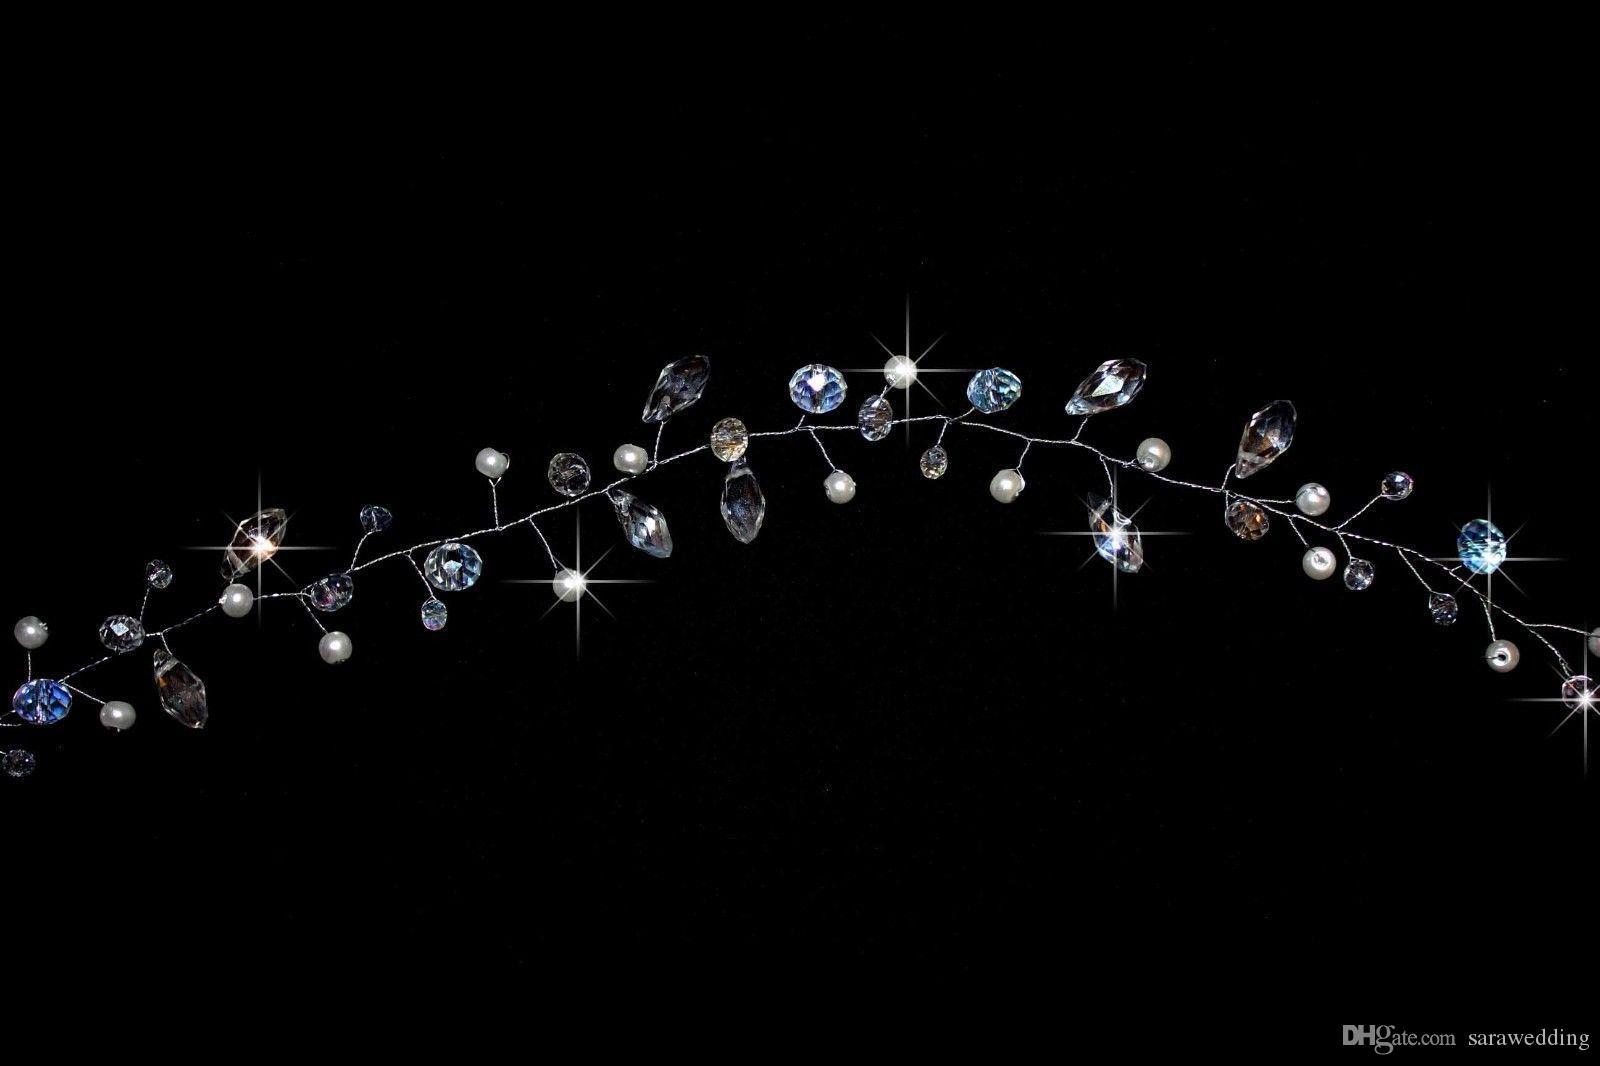 Cristal De Perles De Mariage À La Main De Mariée Cristal De Perles De Couronne À La Main De La Couronne De Coiffure De Mariage De La Bande De Cheveux De La Mariée De Cheveux Bijoux Accessoires